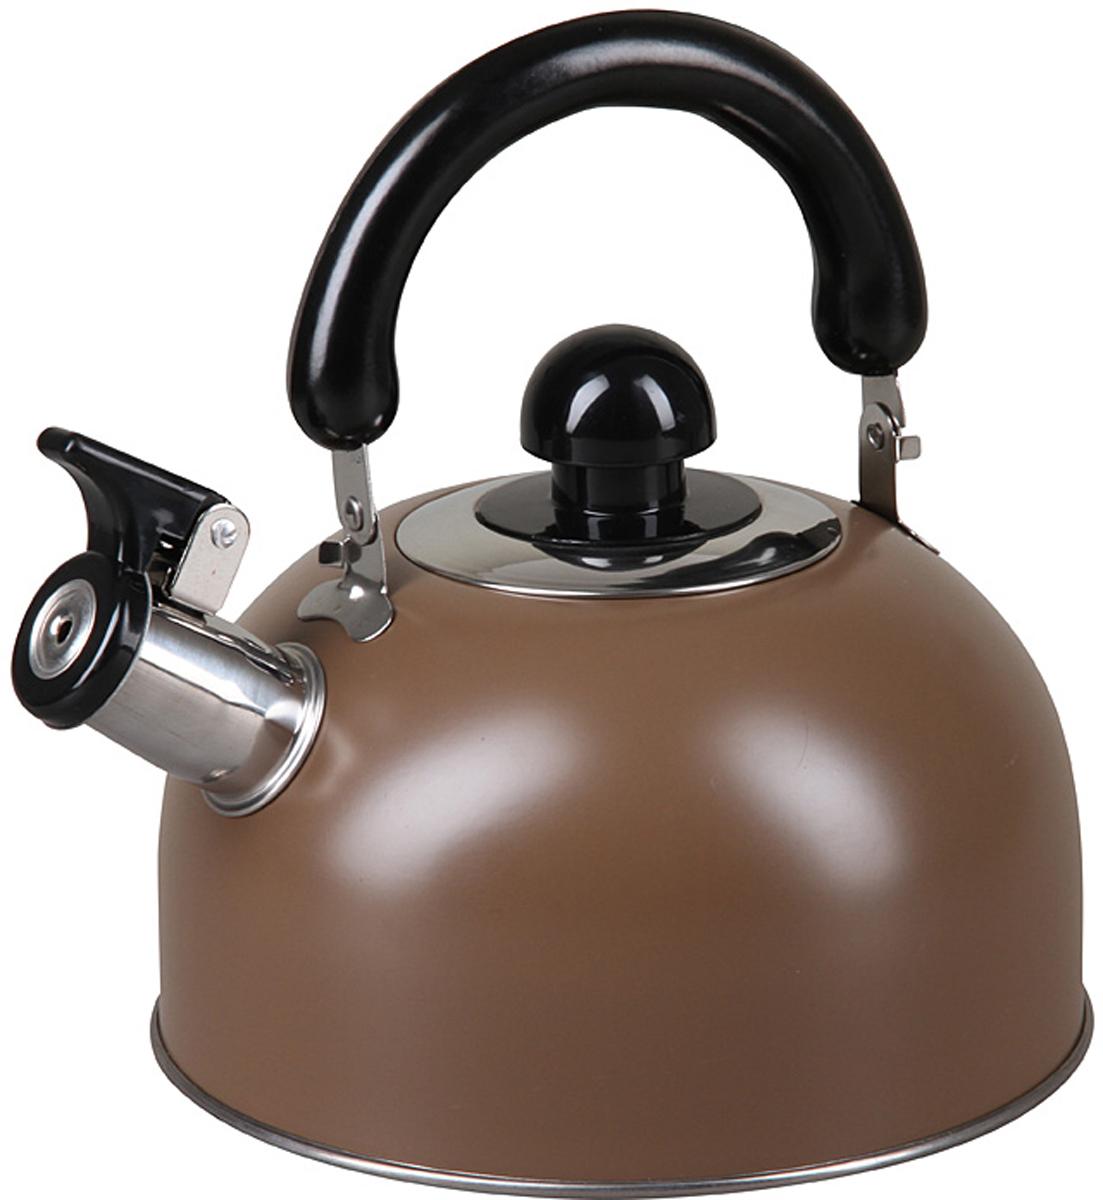 Чайник Pomi d'Oro PSS-650012, со свистком, 2,5 л. 77.858@27415 чайник riess pastell со свистком цвет розовый 2 л